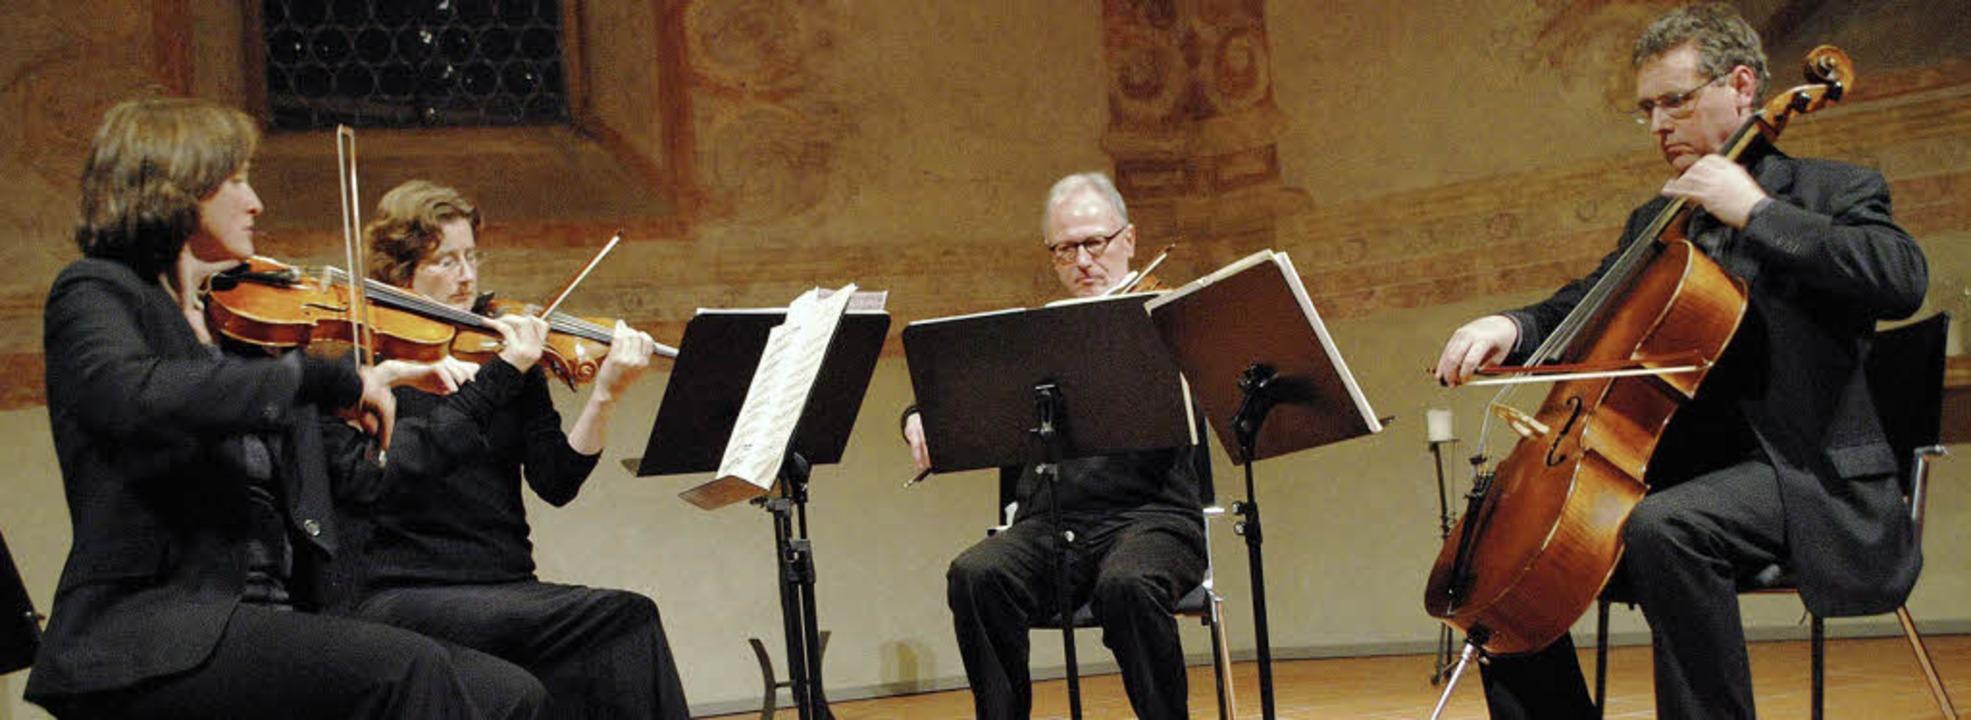 Das Cosmas-Quartett spielt für den  Bürgersozialfonds in der Martinskirche.   | Foto: Beatrice Ehrlich